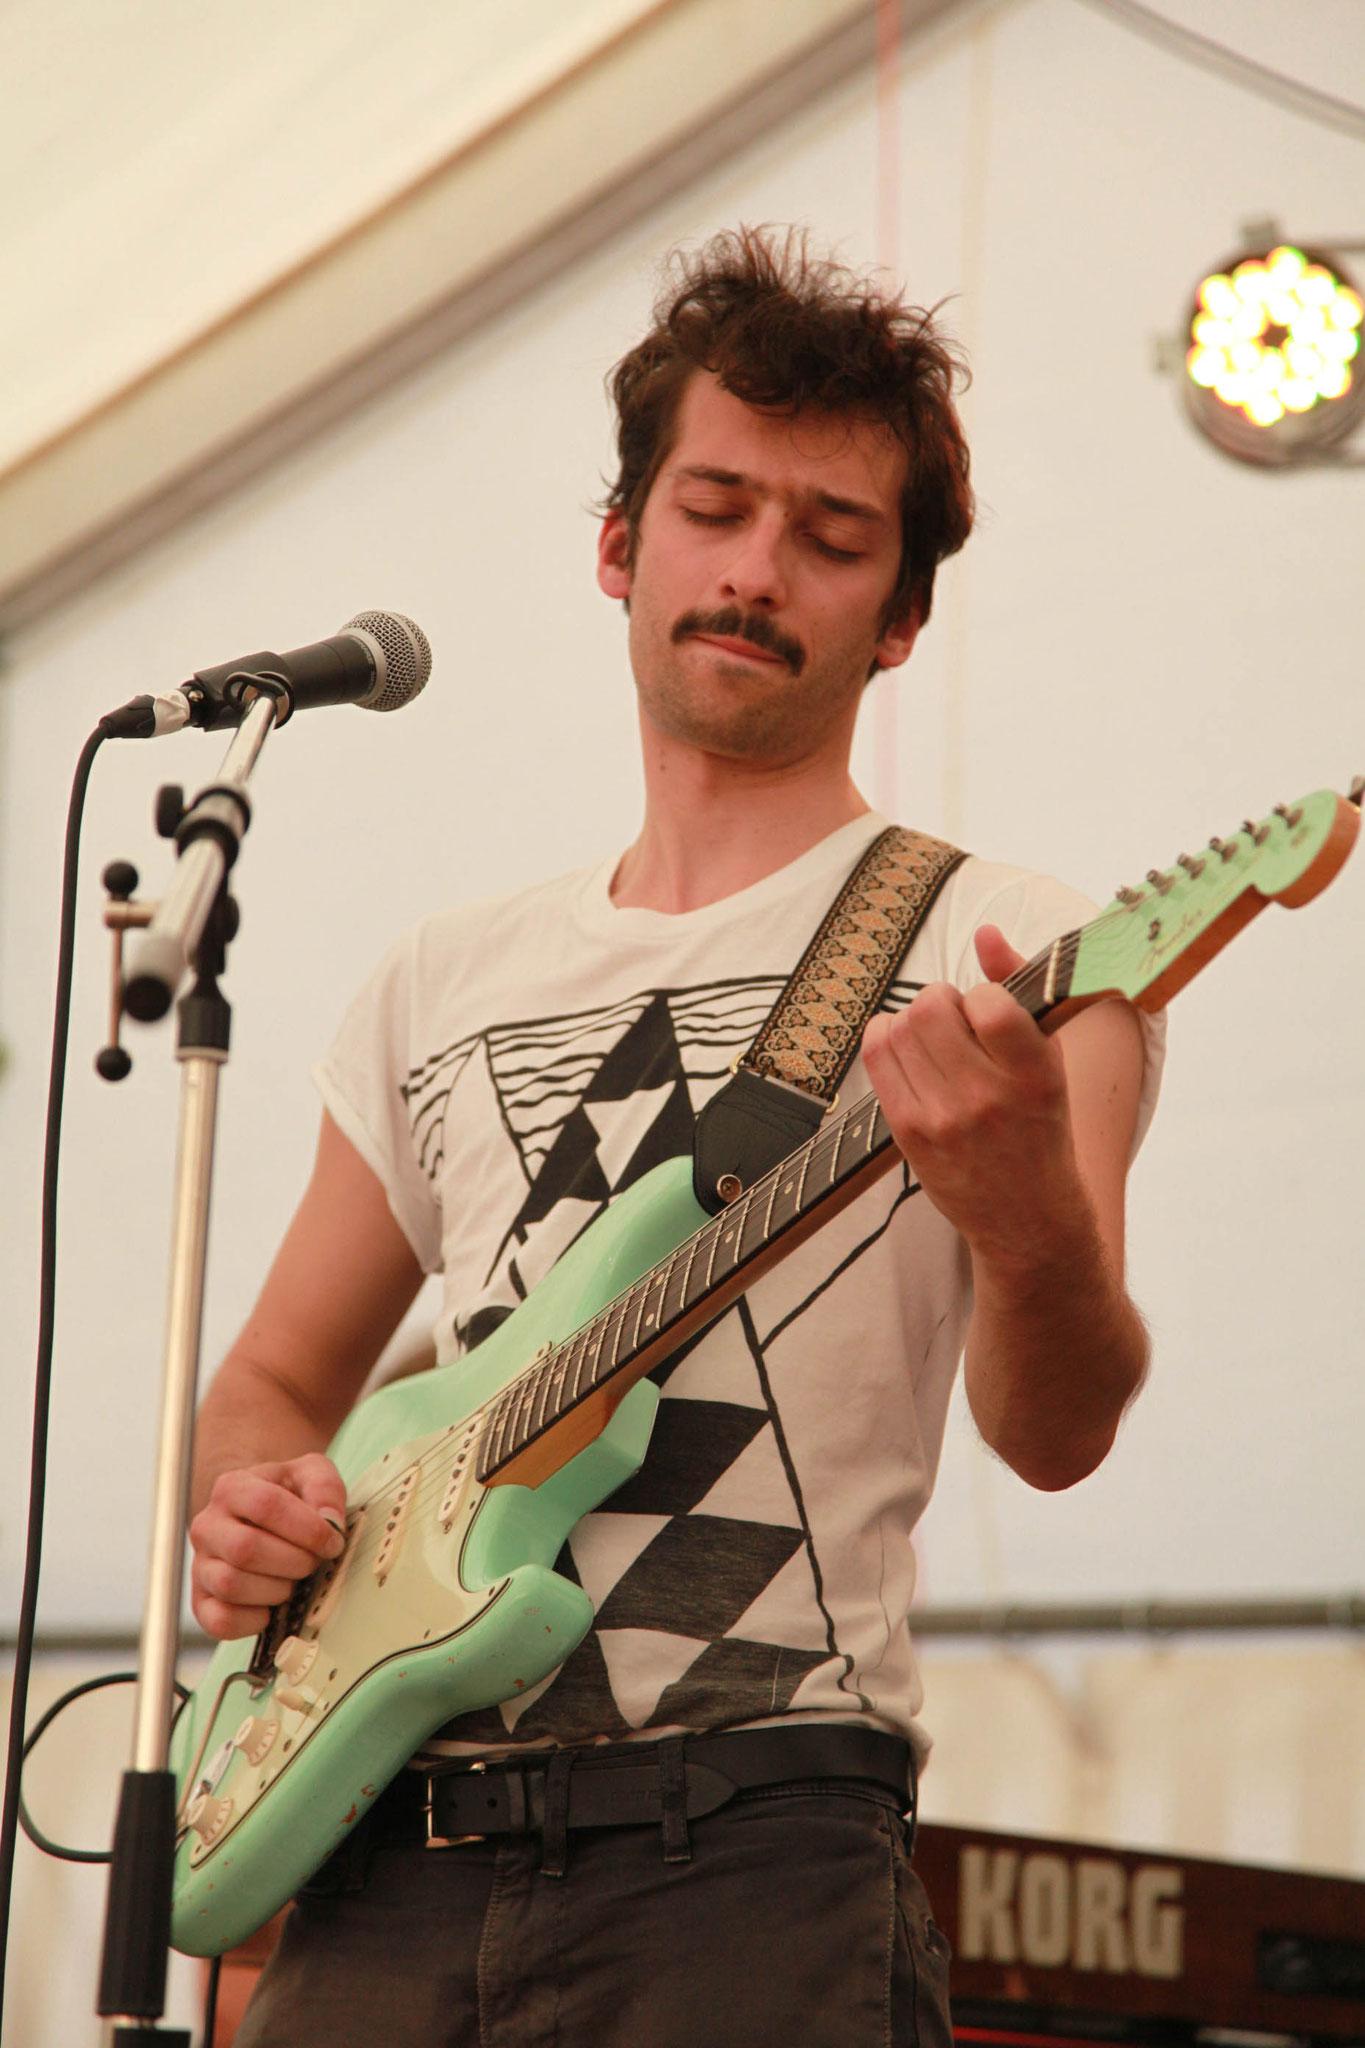 Tim Freitag, 2013